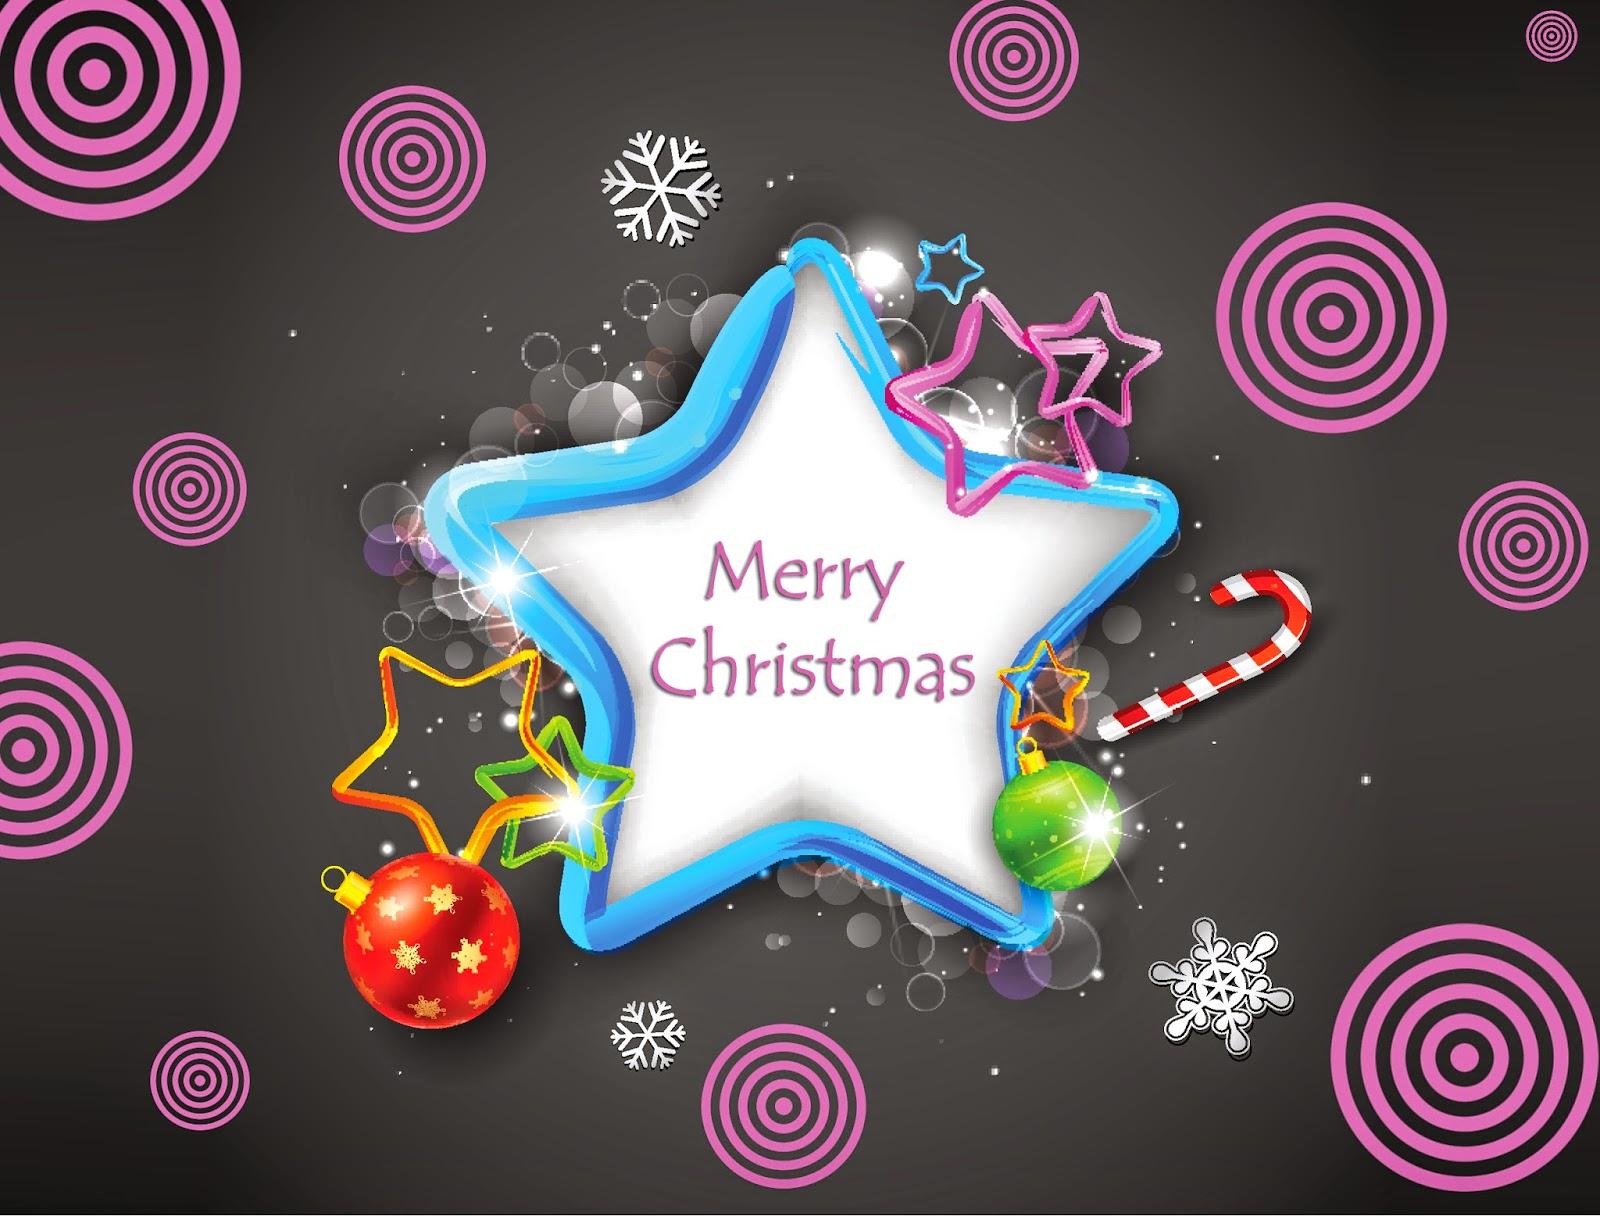 Merry-Christmas-wishes-text-printable-vector-graphics-template-image-HD-printable.jpg